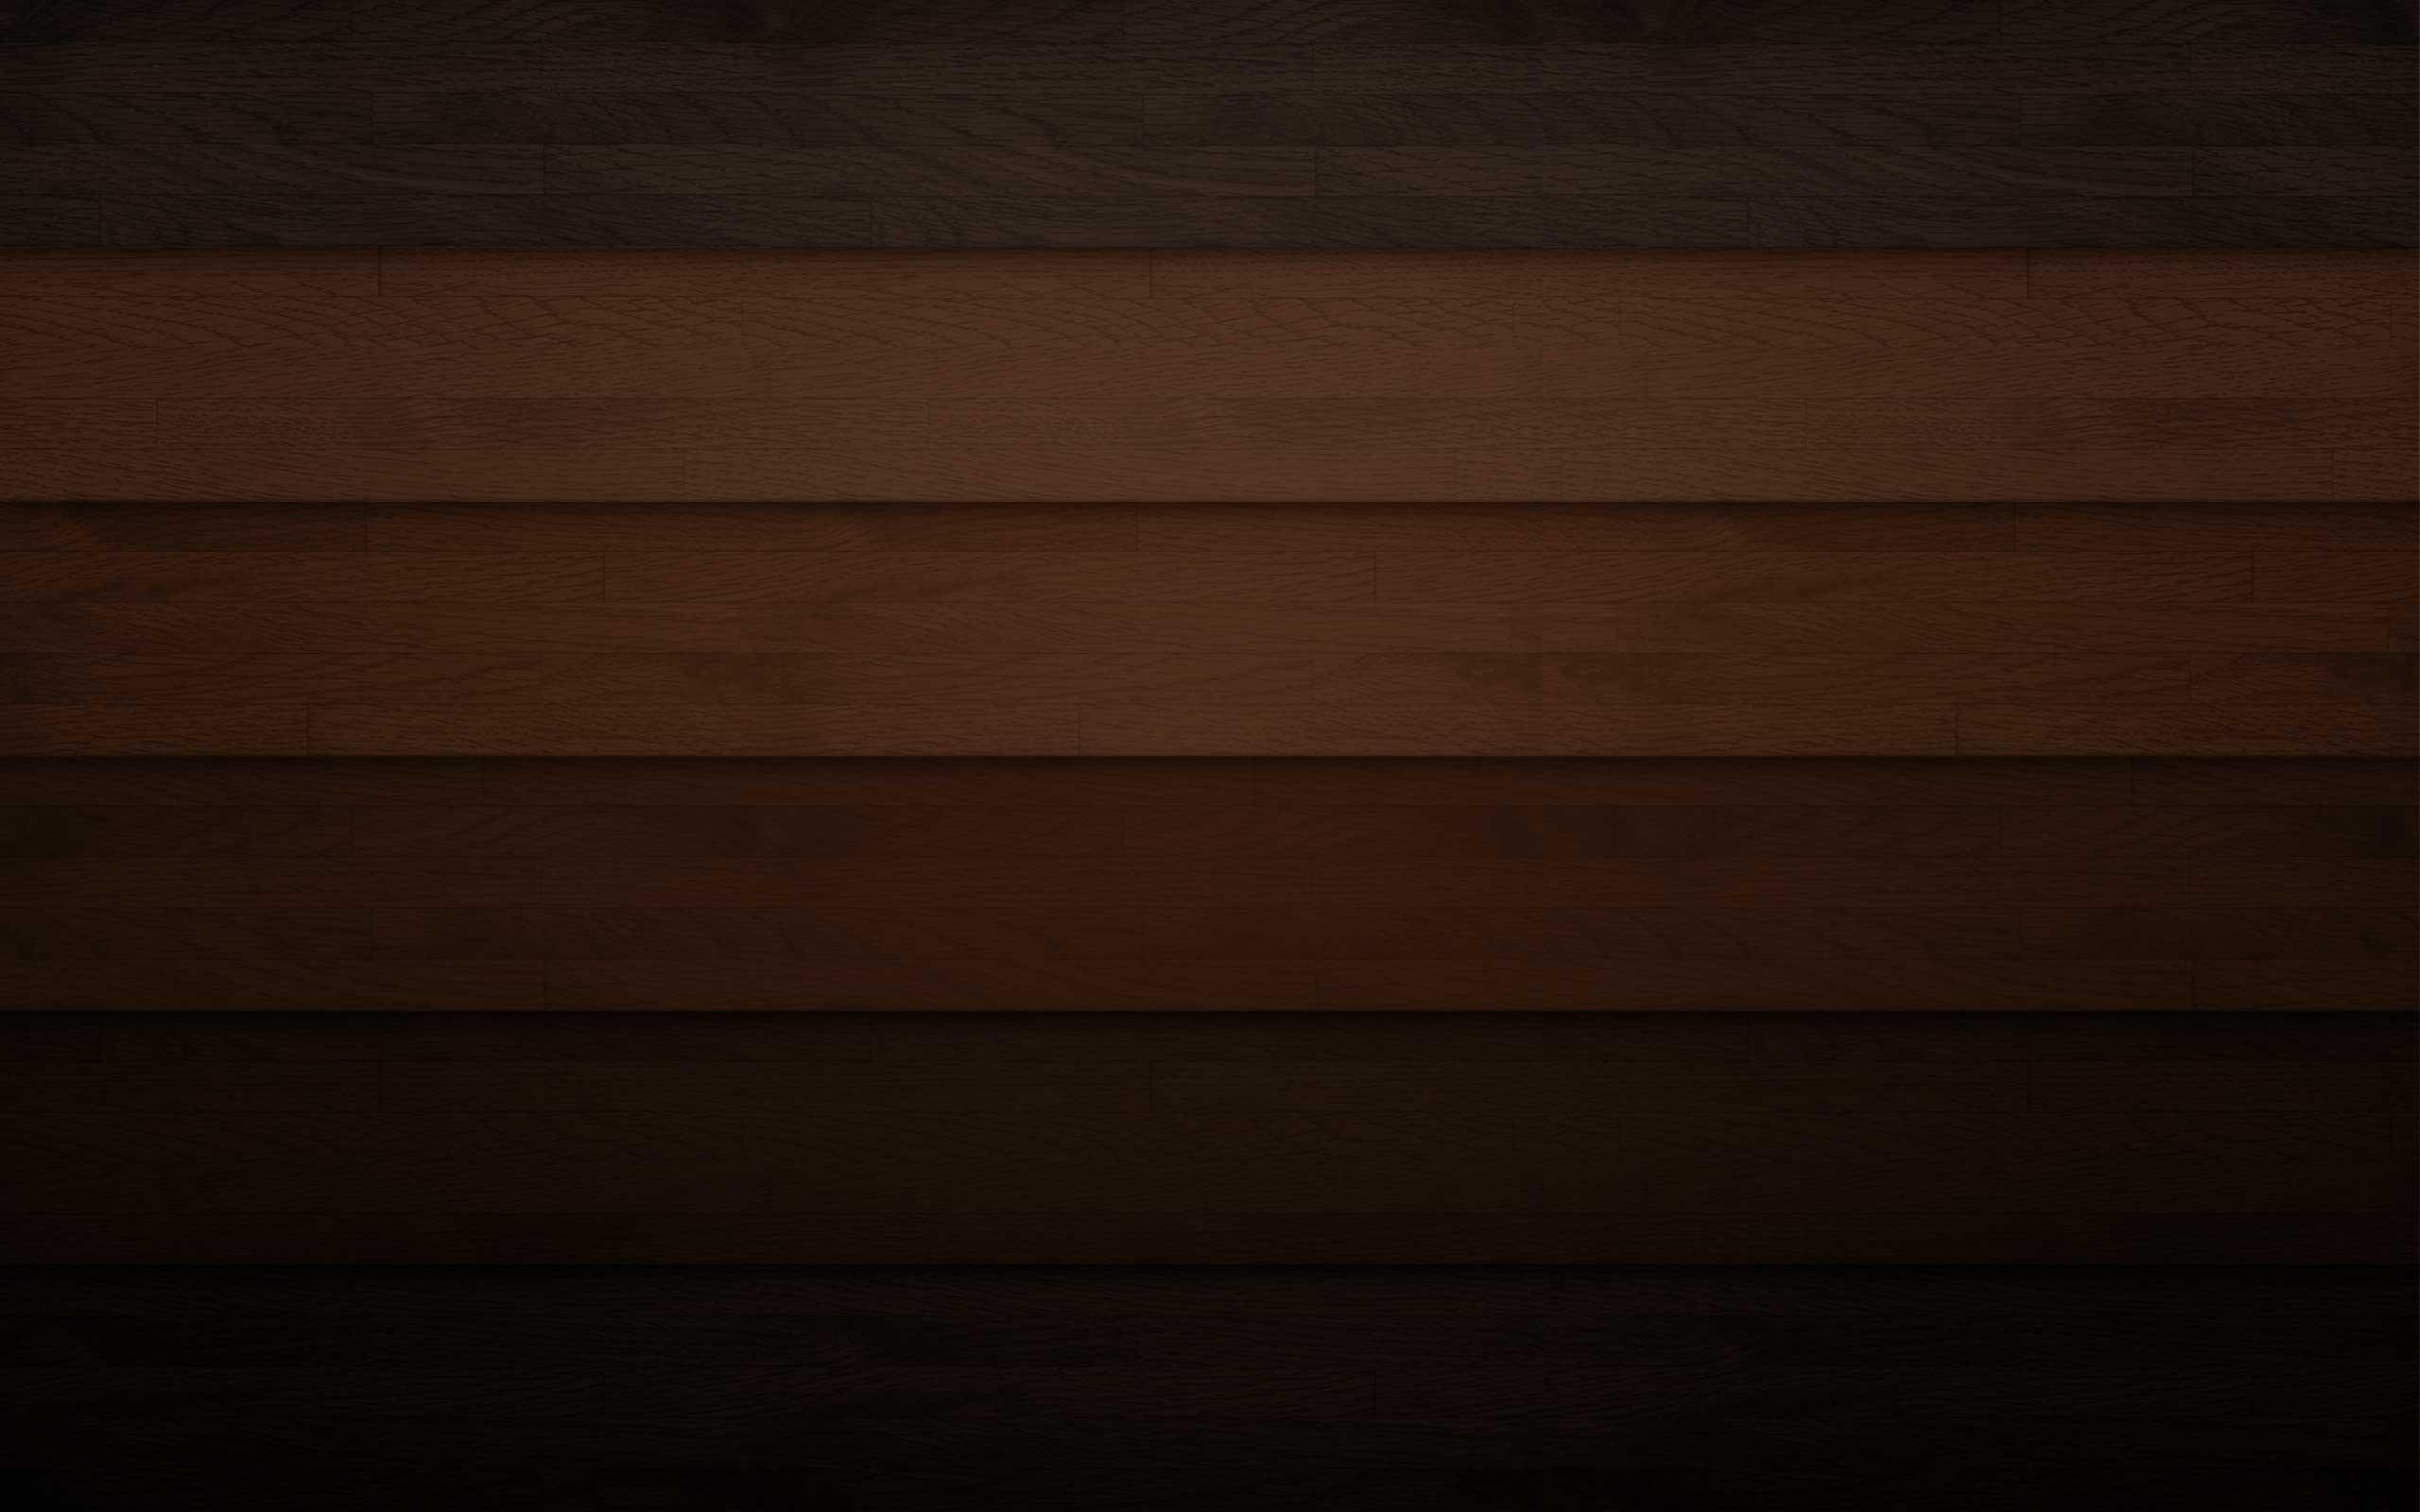 Planki Wax Wood